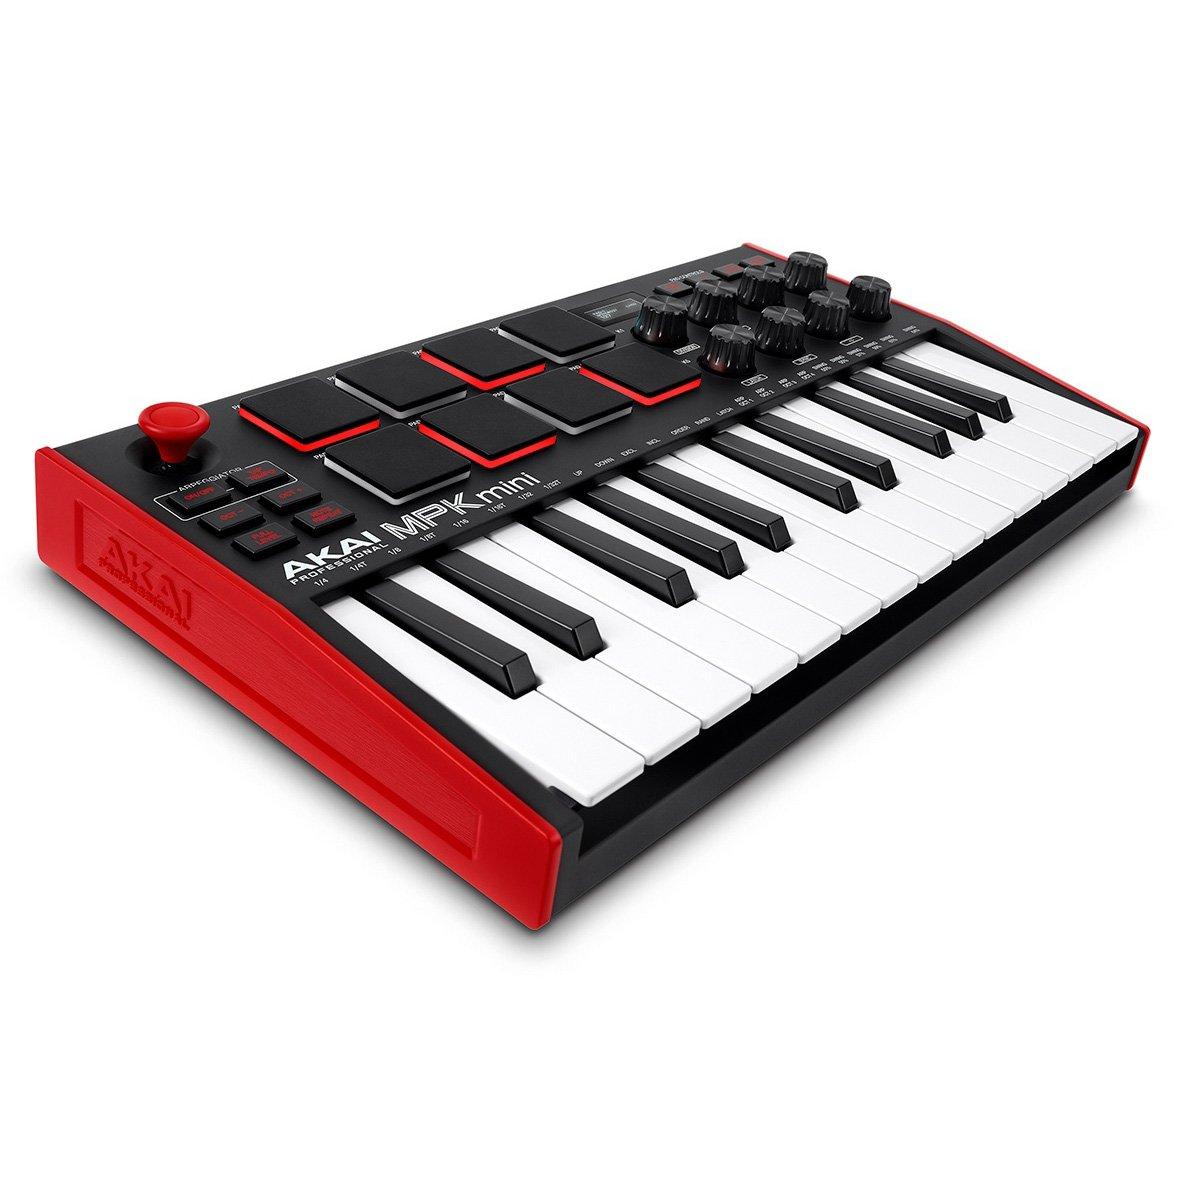 Akai MPK mini MK3 25-key USB MIDI Controller